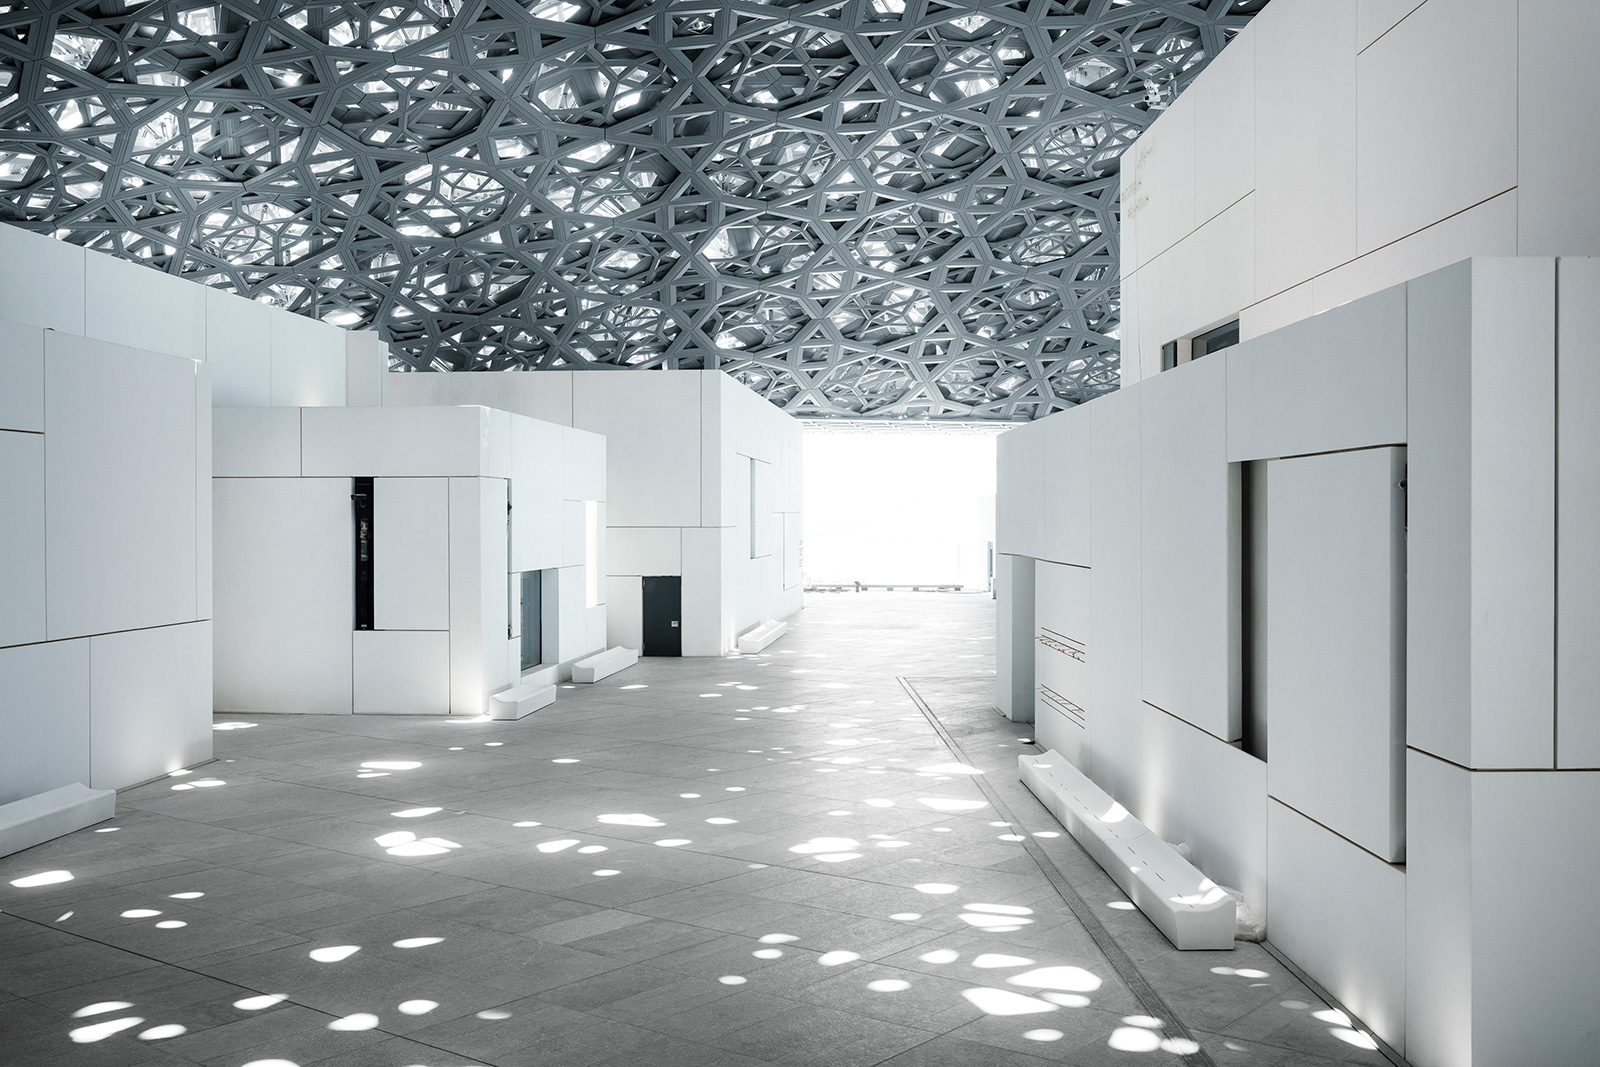 Louvre abu dhabi announces opening date - Date de construction du louvre ...